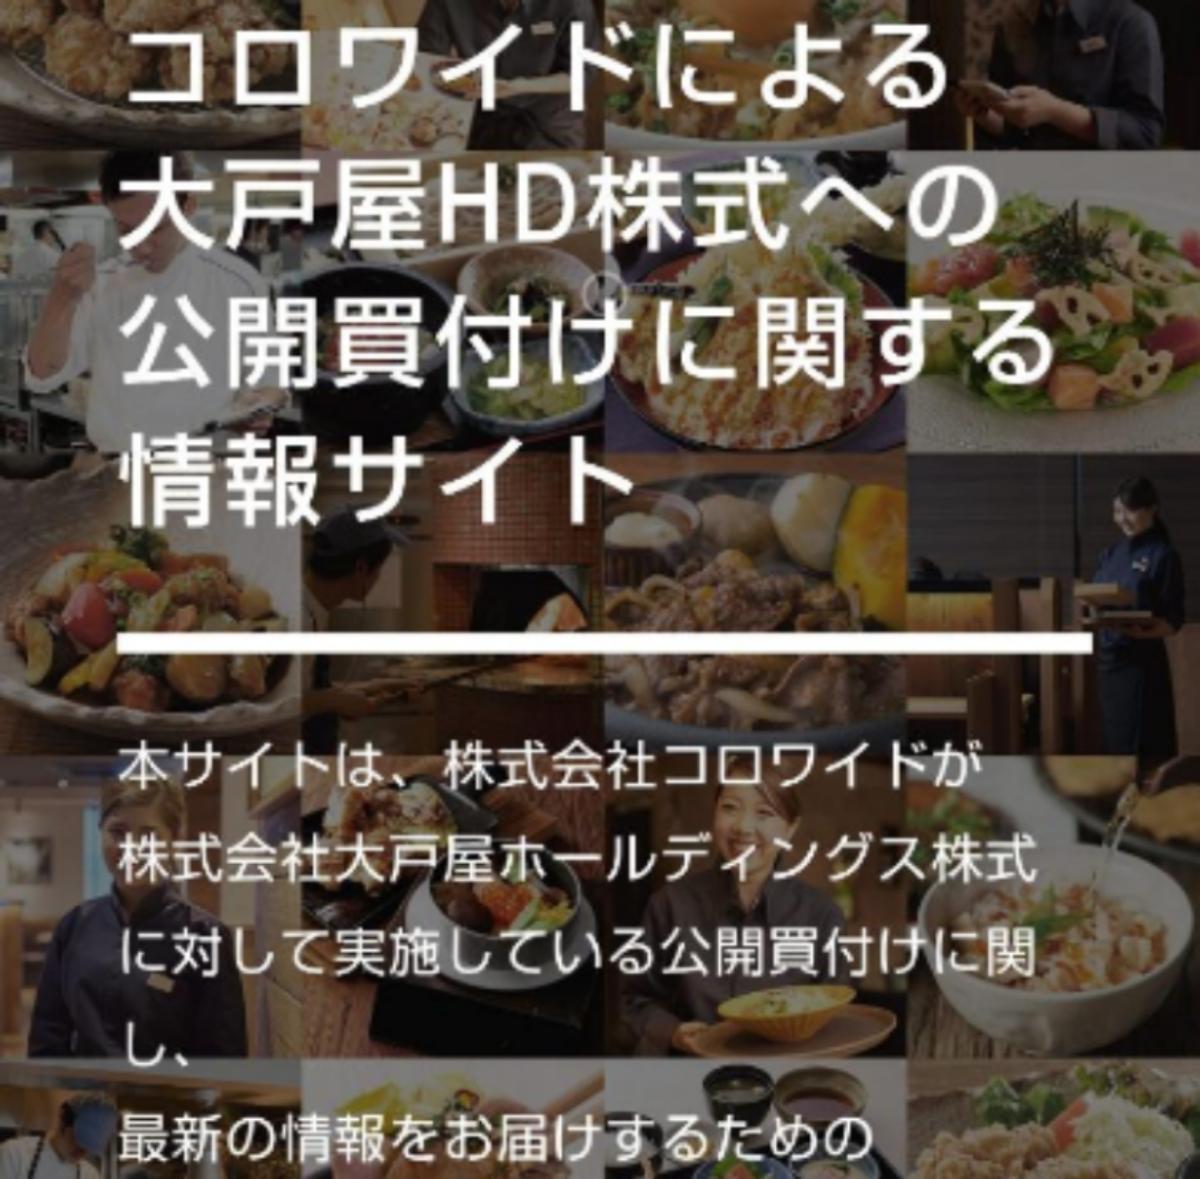 2705 - (株)大戸屋ホールディングス 今売らないと塩漬け